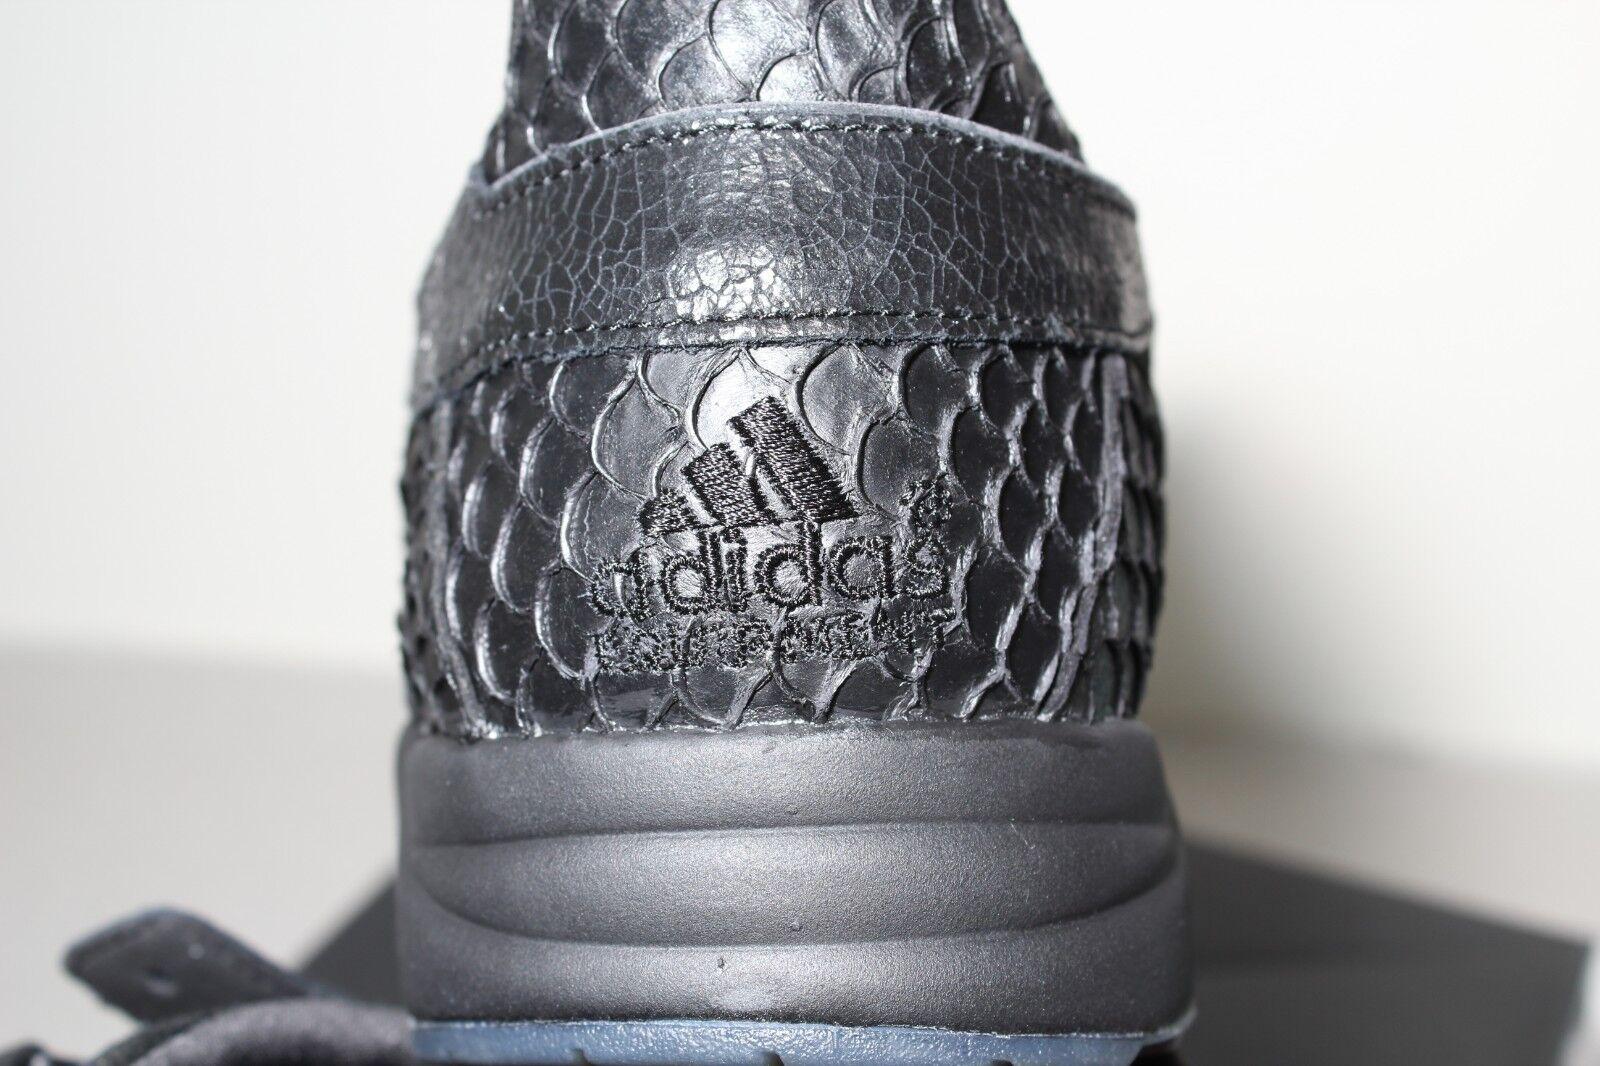 Adidas attrezzature a nero guida re spingere sul mercato nero a aq7433 droga riflettono 3m 5a0d7e